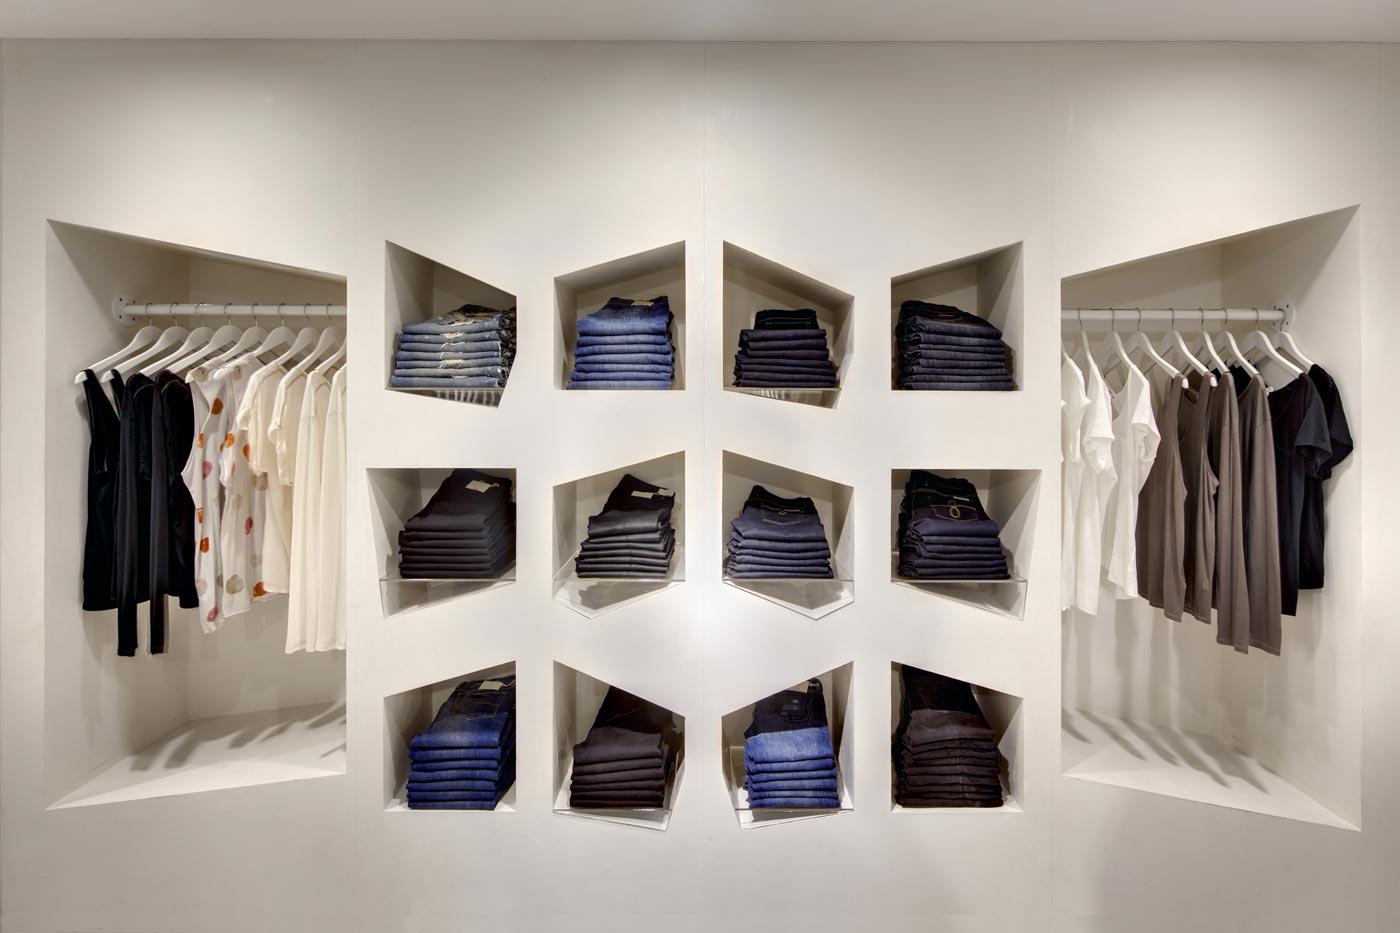 Sass & Bide Store in Australien. Unerwartete visuelle Elemente sind die Antwort auf emotionale und ästhetische Bedürfnisse des Kunden.